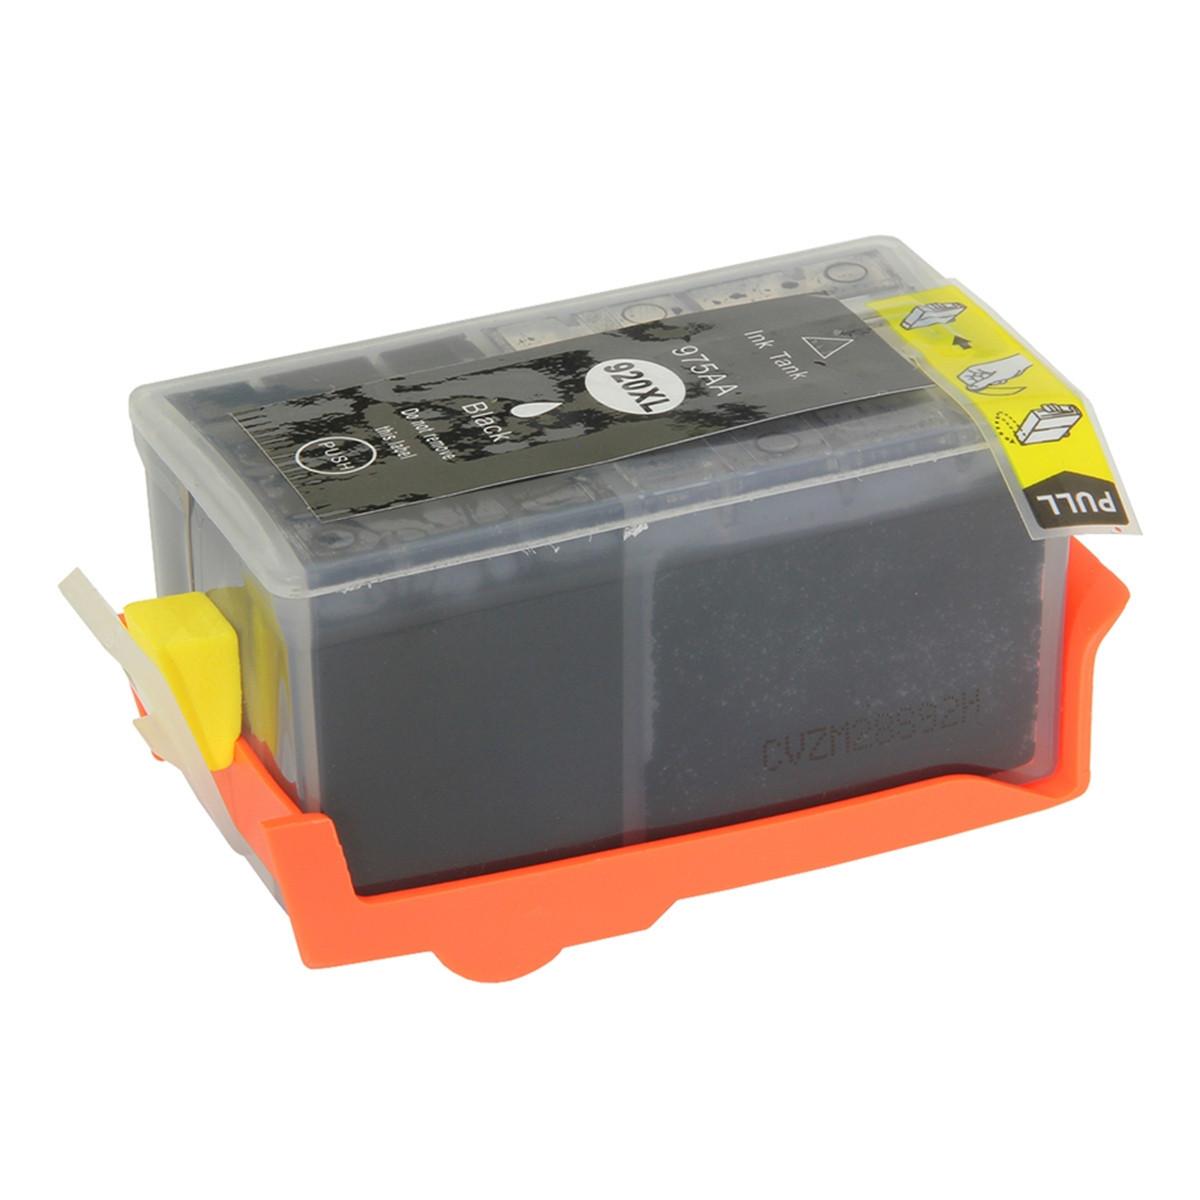 Cartucho de Tinta Compatível com HP 920XL 920 CD975AL Preto | Officejet 6000 6500 7500A 58,5 ml